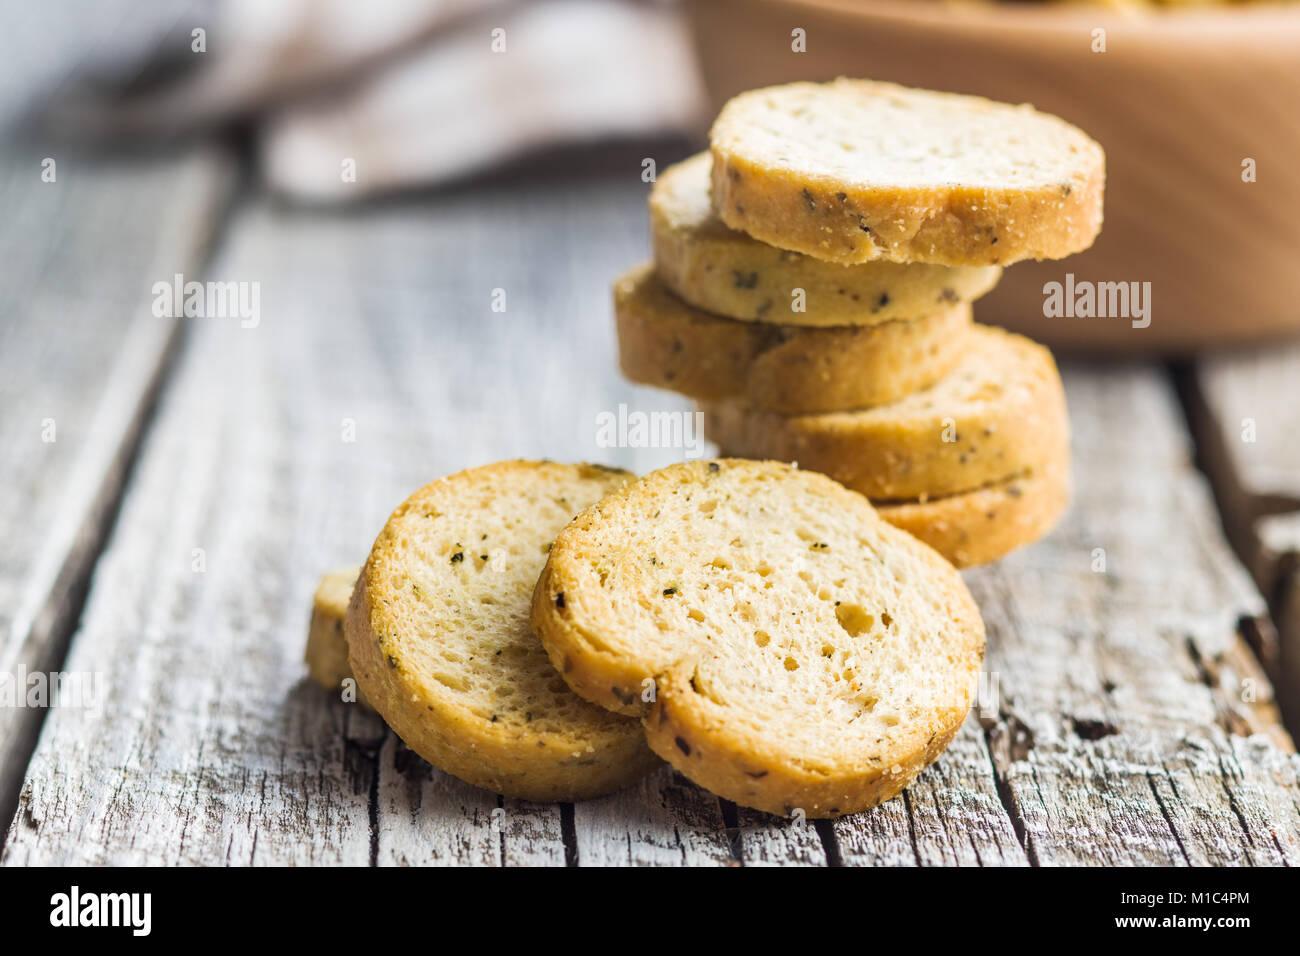 Bruschetta de pain croûté sur la vieille table en bois. Photo Stock